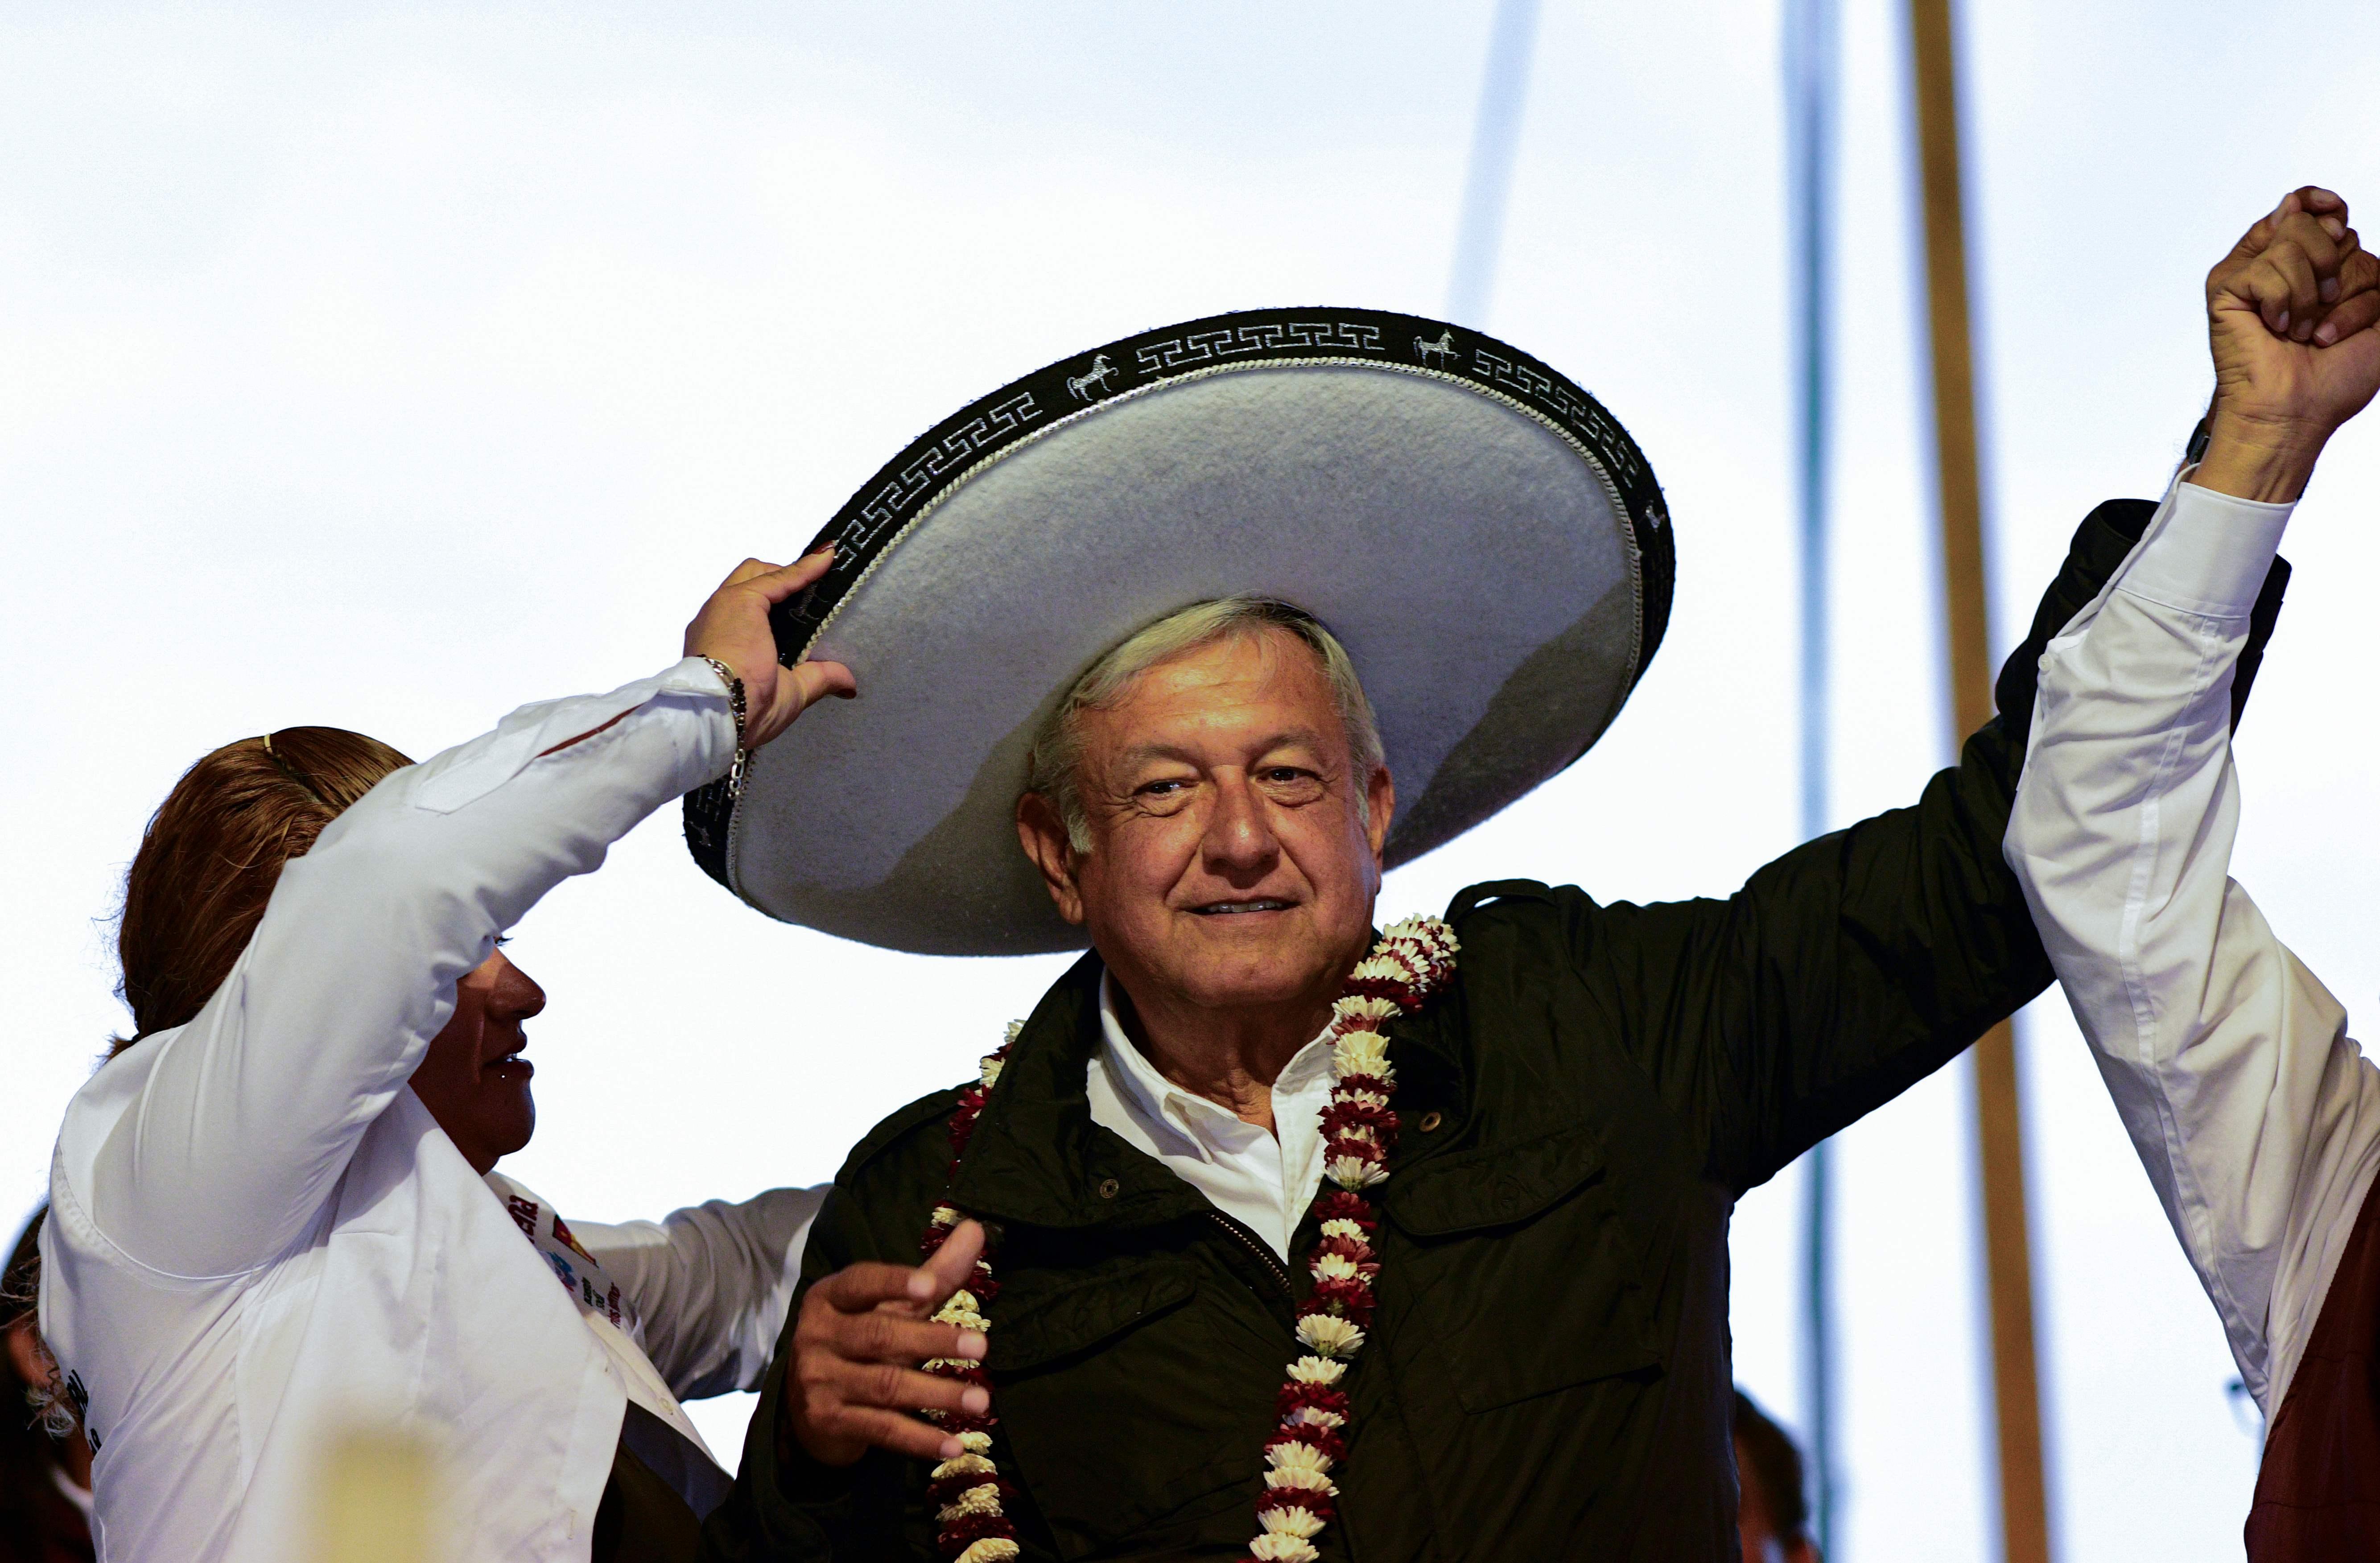 López Obrador, de 65 anos, presidente do méxico. Crédito da Foto: AFP / Ronaldo SCHEMIDT